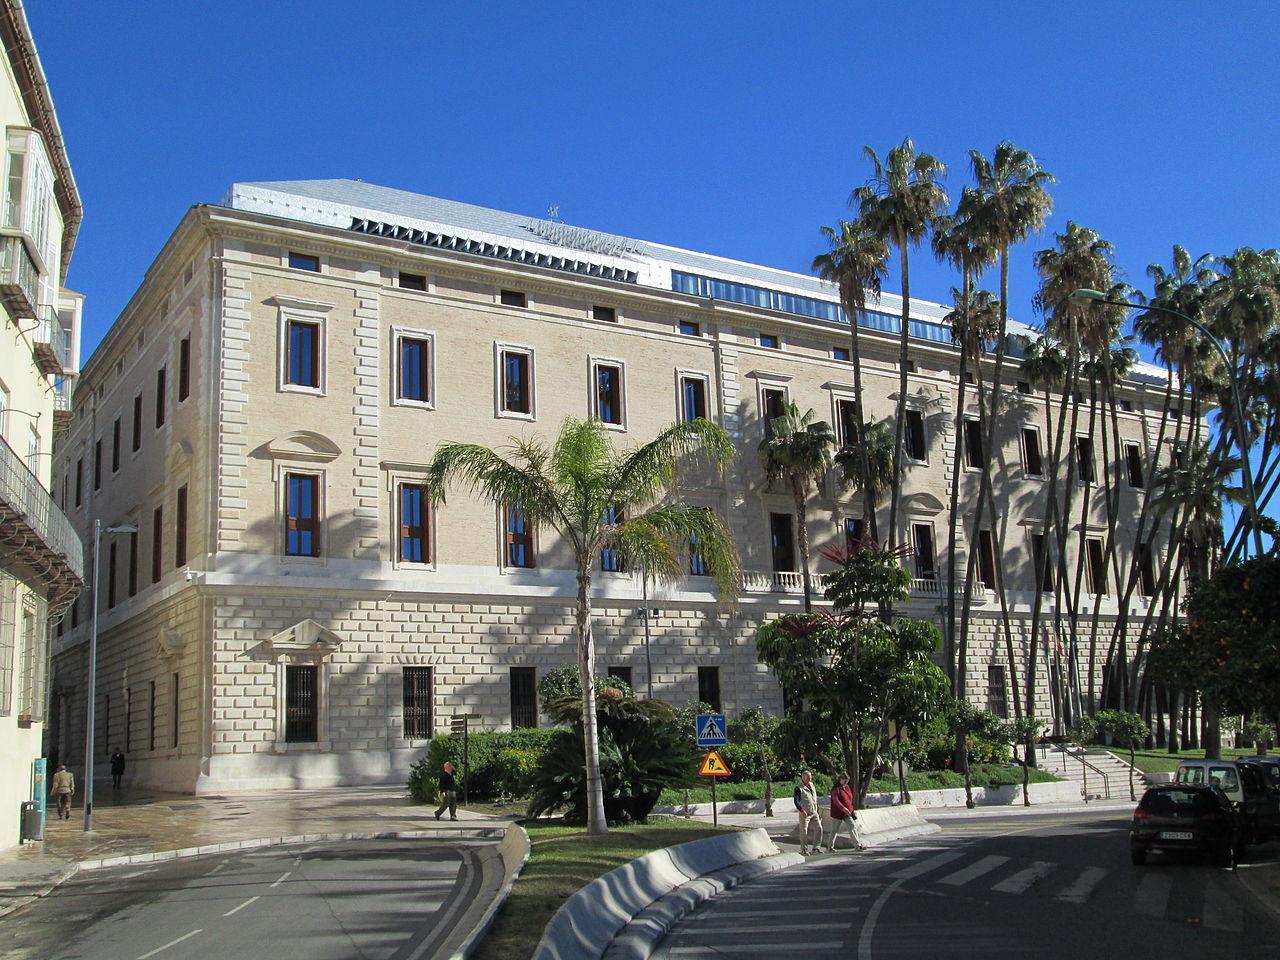 palacio_de_la_aduana_malaga_01